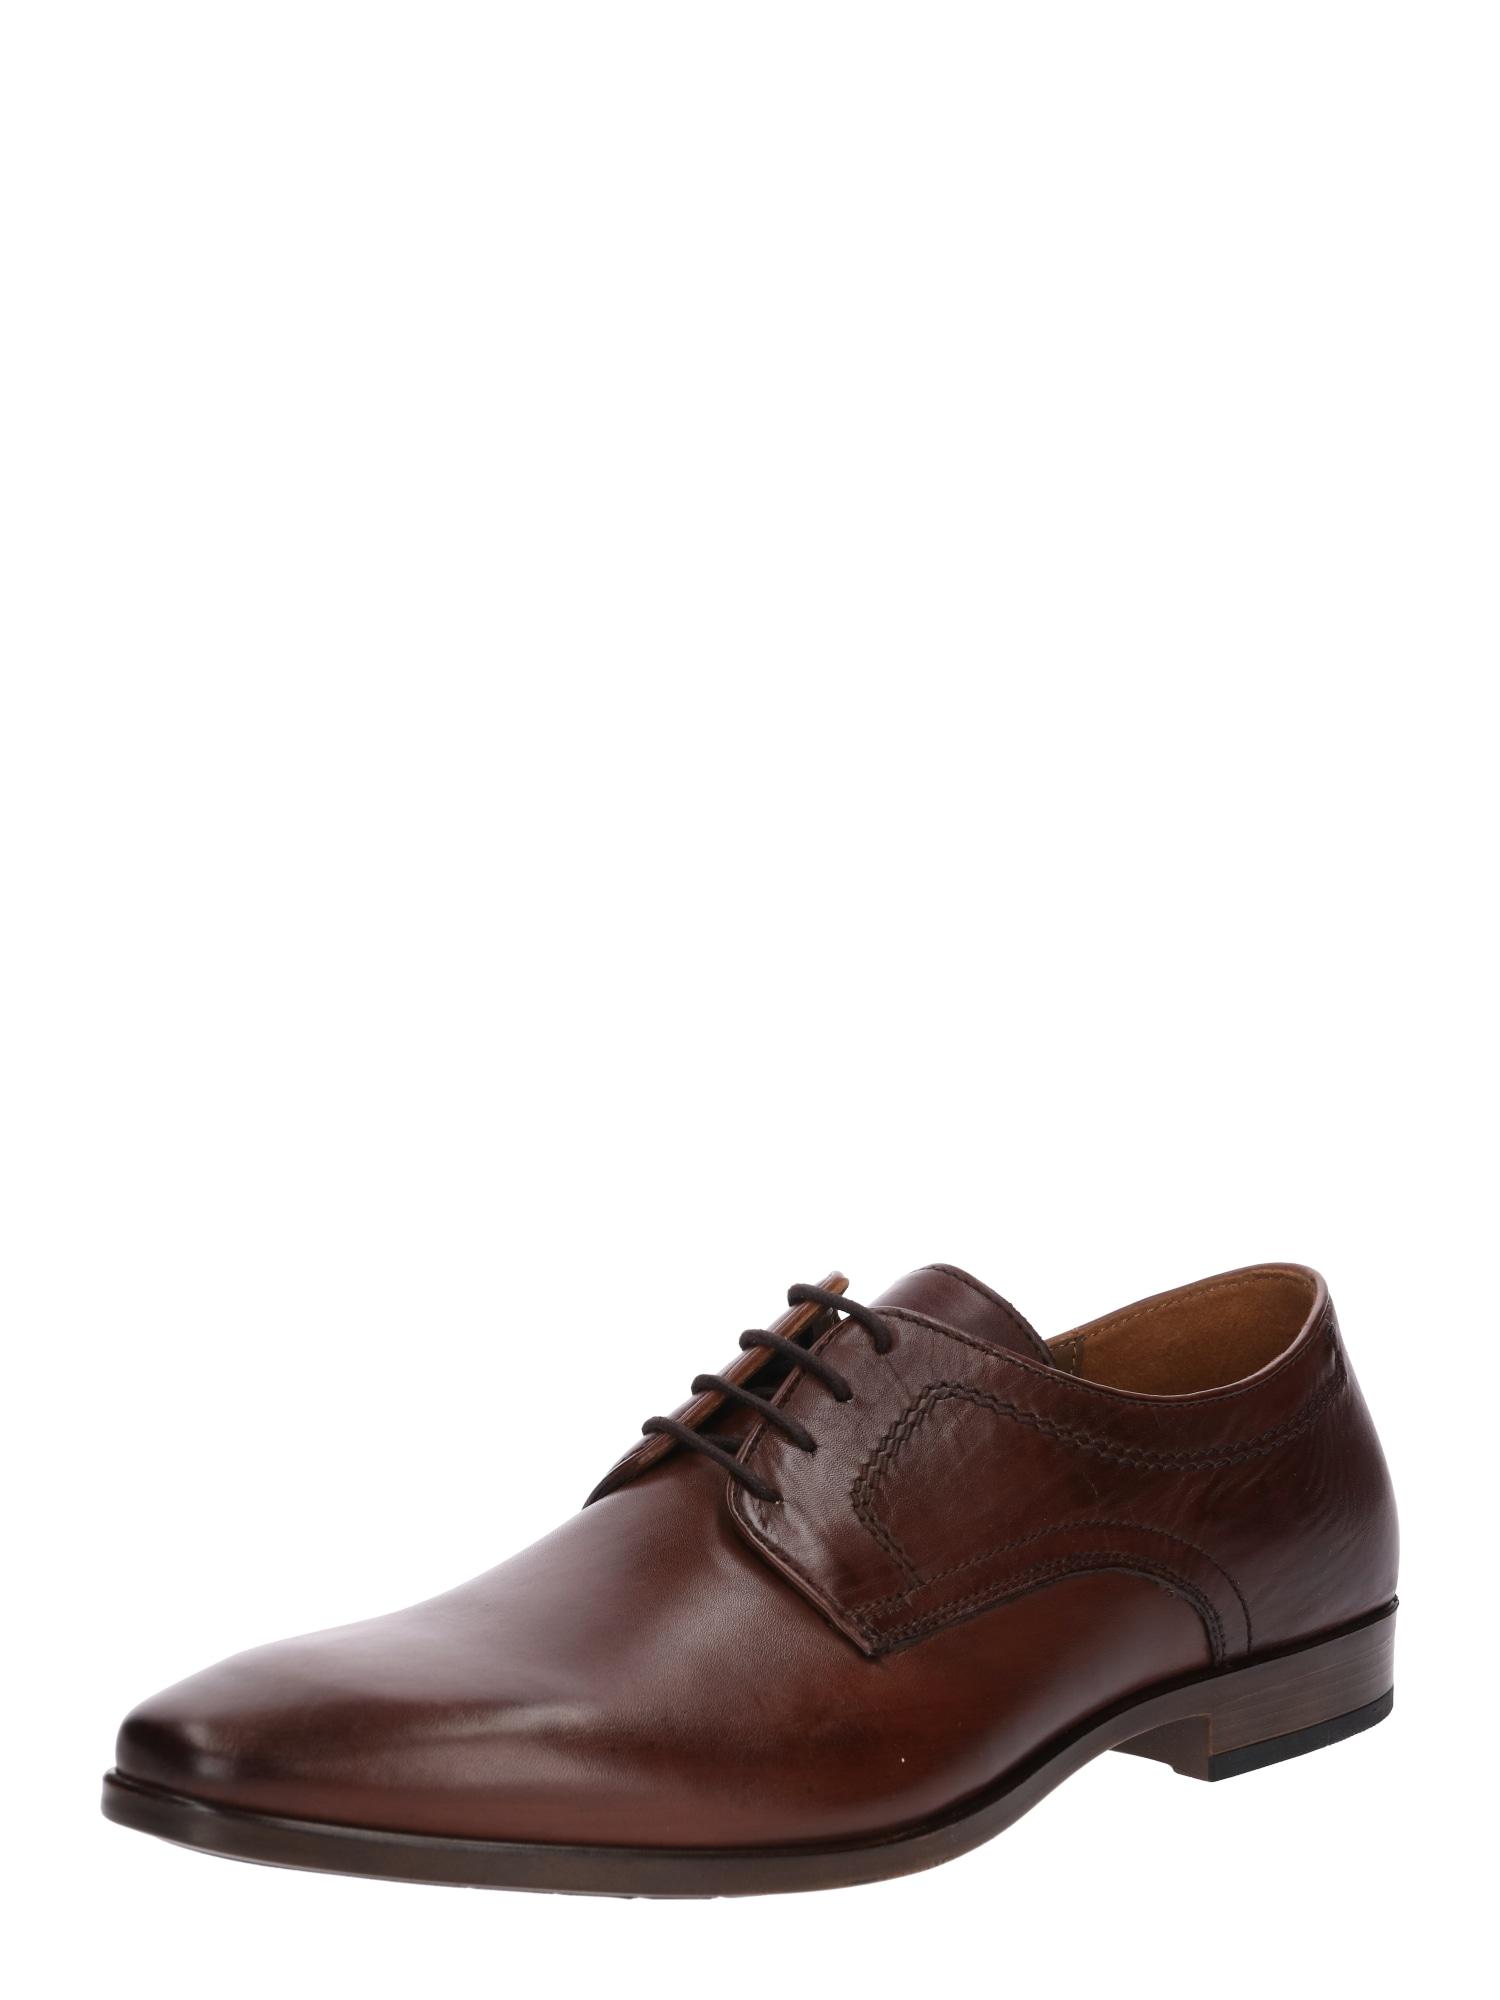 Šněrovací boty 7165 koňaková Pier One